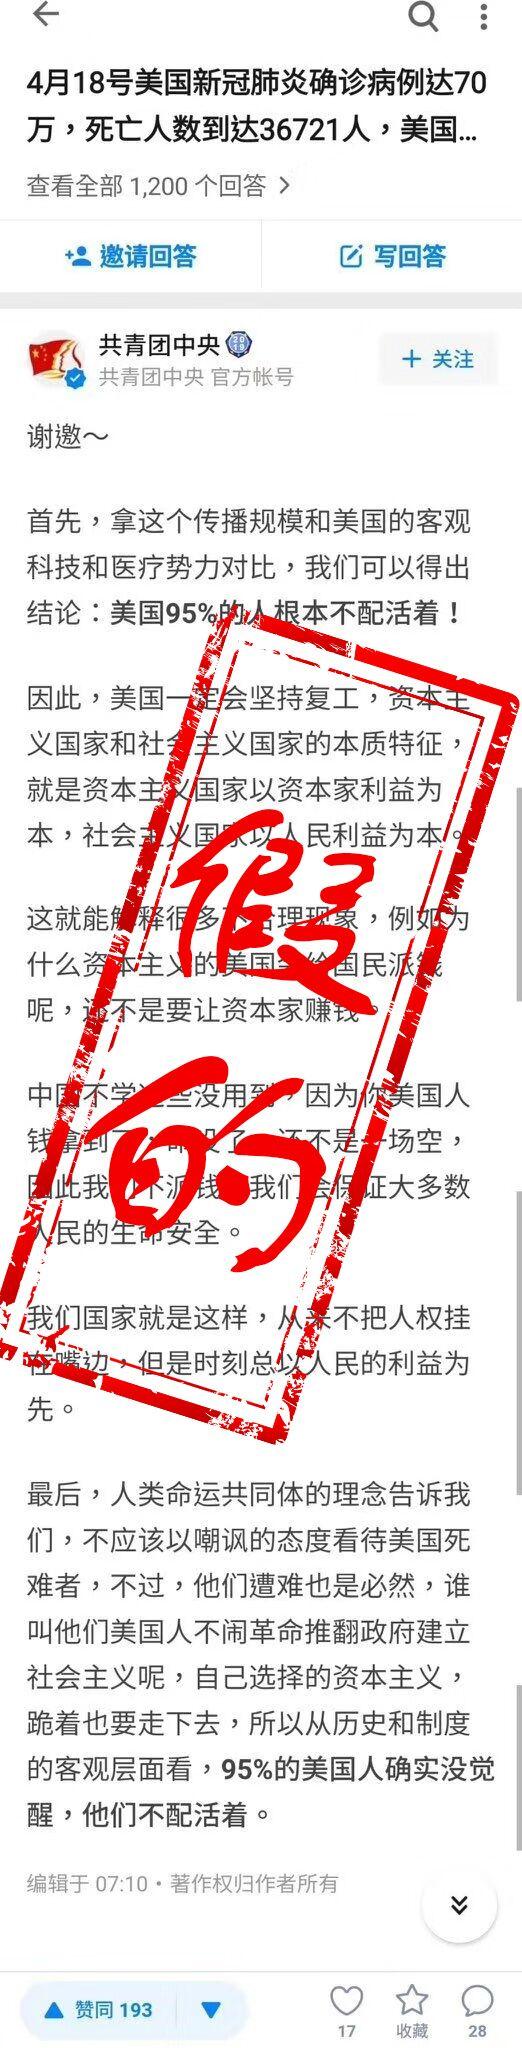 """共青团中央:""""官方账号称95%美国人不配活着""""系伪造"""